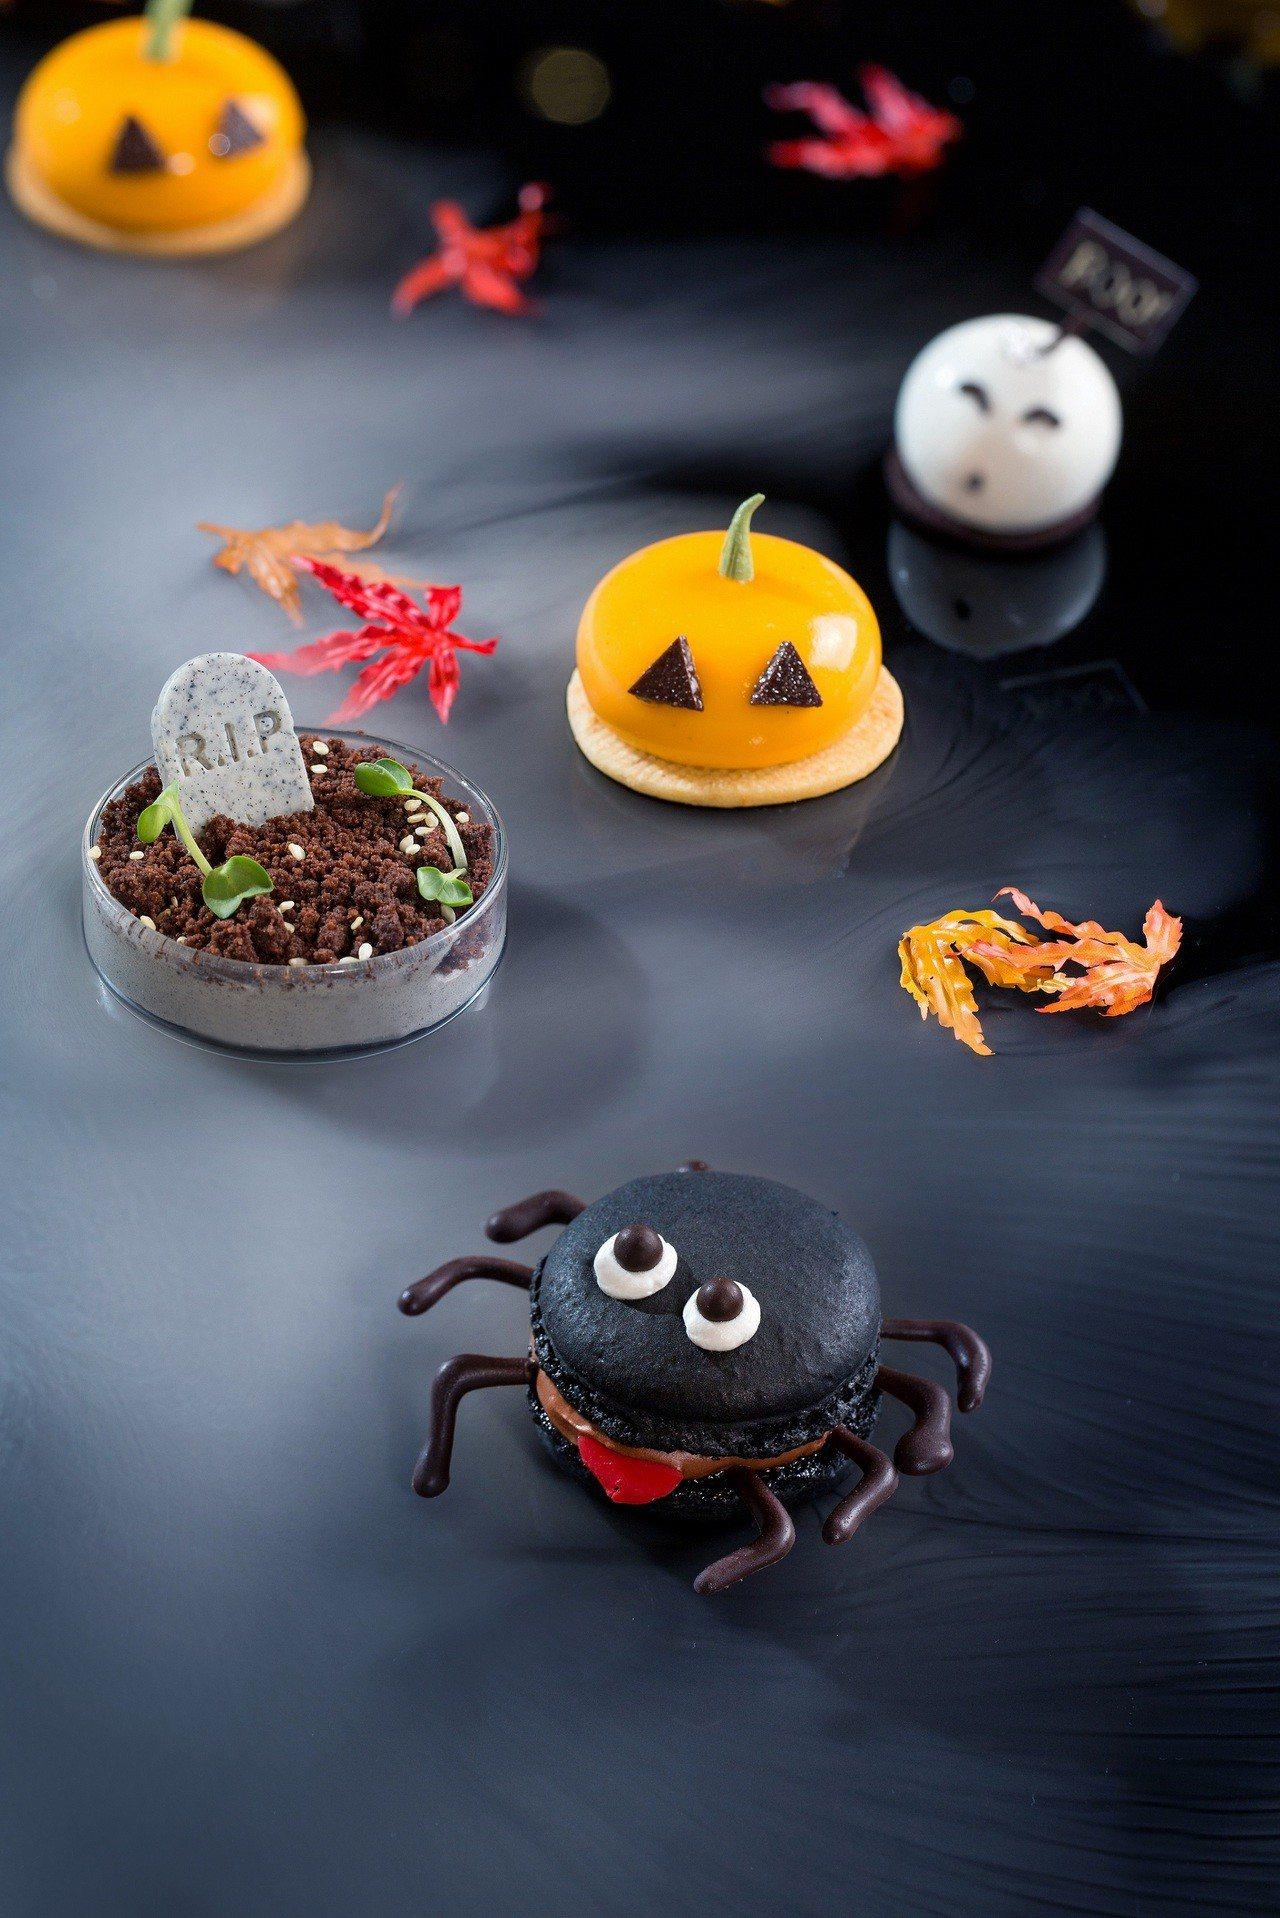 手工親製暗黑蜘蛛馬卡龍,特別用巧克力製成8隻腳,放入馬卡龍夾層。圖/台北君悅酒店...